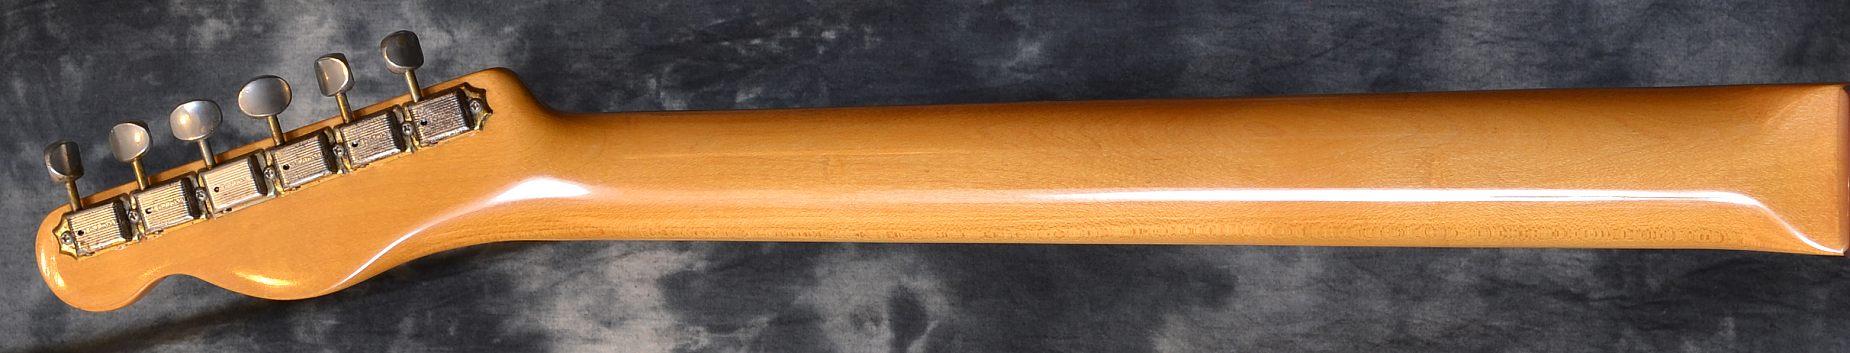 Fender_Tele_Burgundy Mist_1960(C)_neck